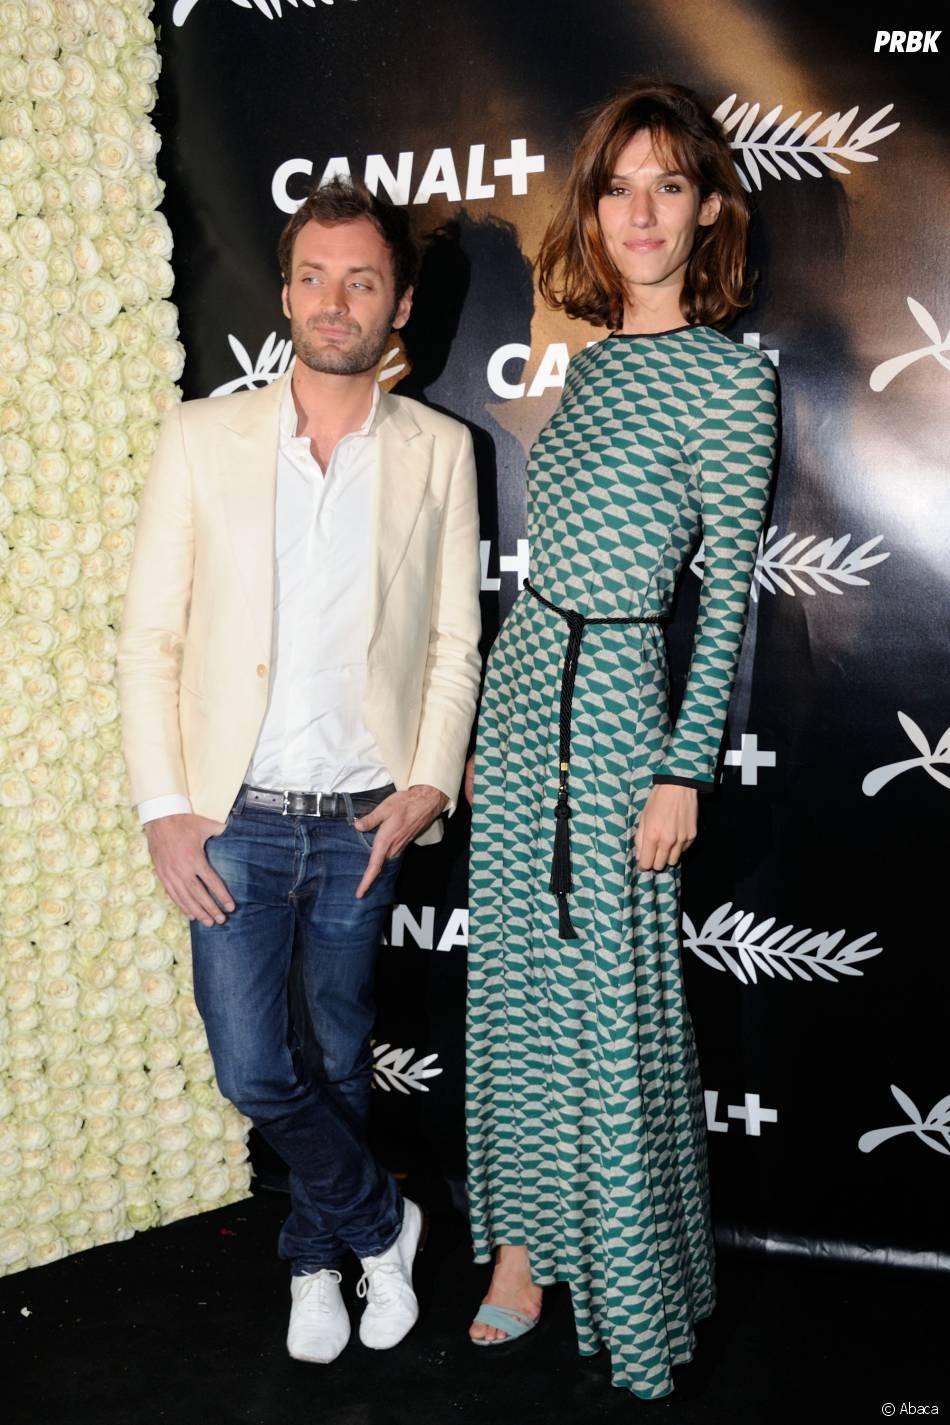 Doria Tillier et Augustin Trapenard à la soirée de Canal+ à Cannes le vendredi 15 mai 2015